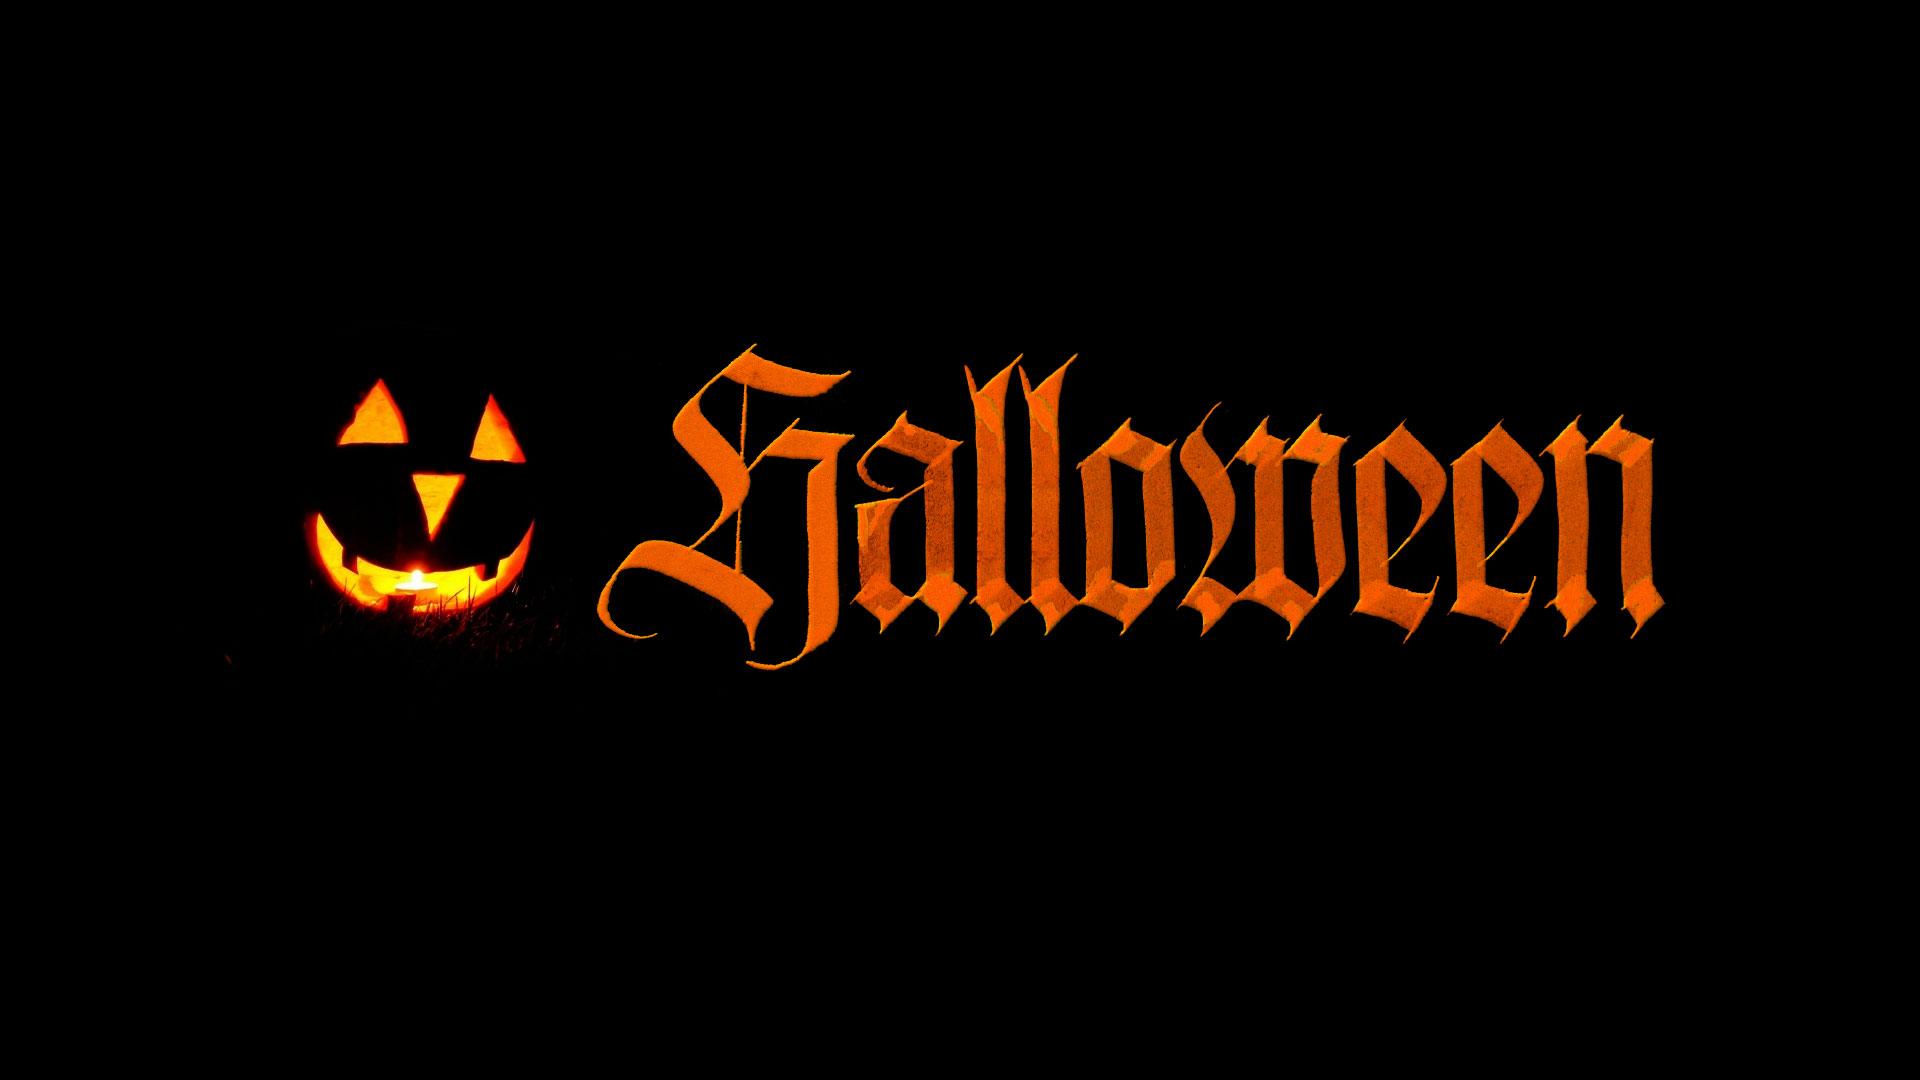 Halloween Wallpaper Desktop Flip Wallpapers Download 1920x1080